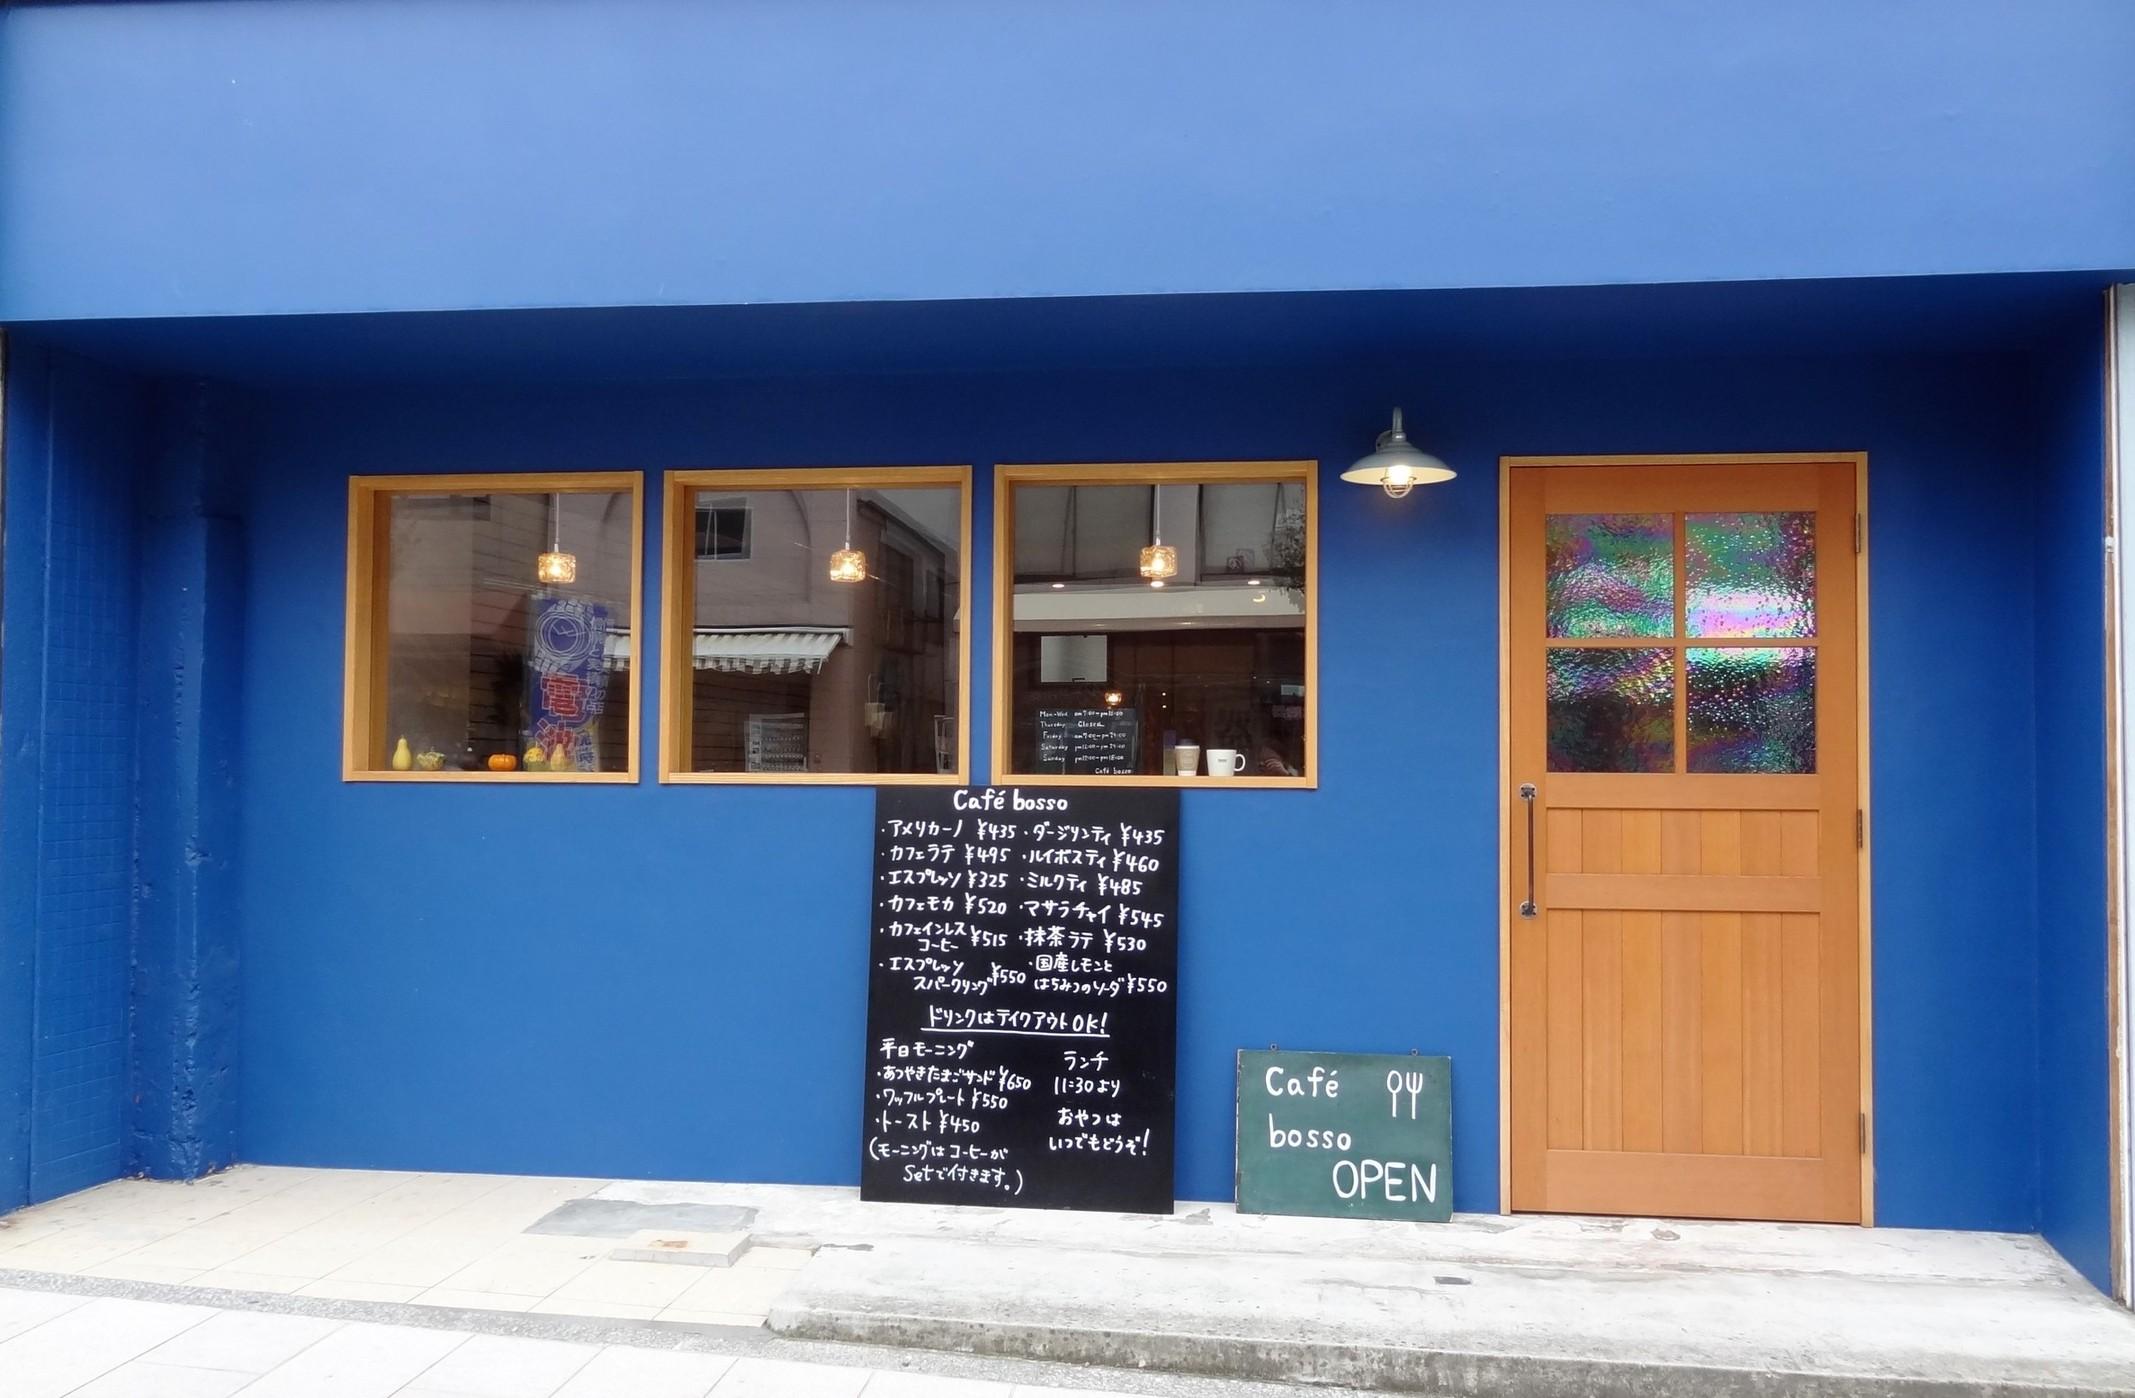 Cafe bosso